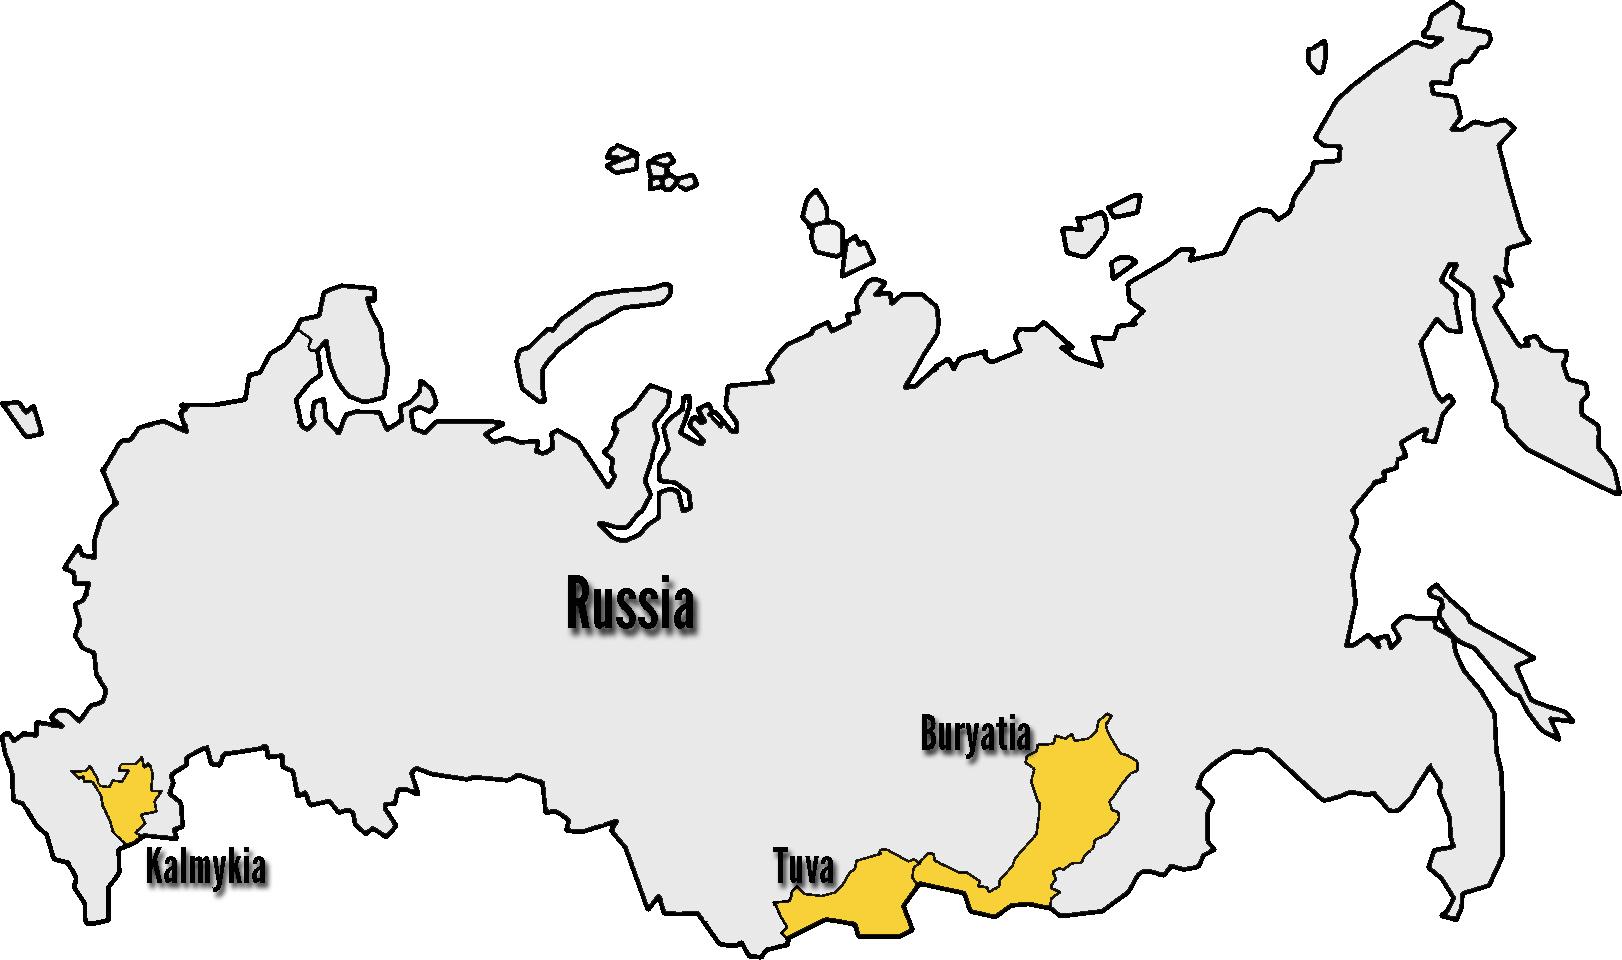 Россия контурная карта раскраска